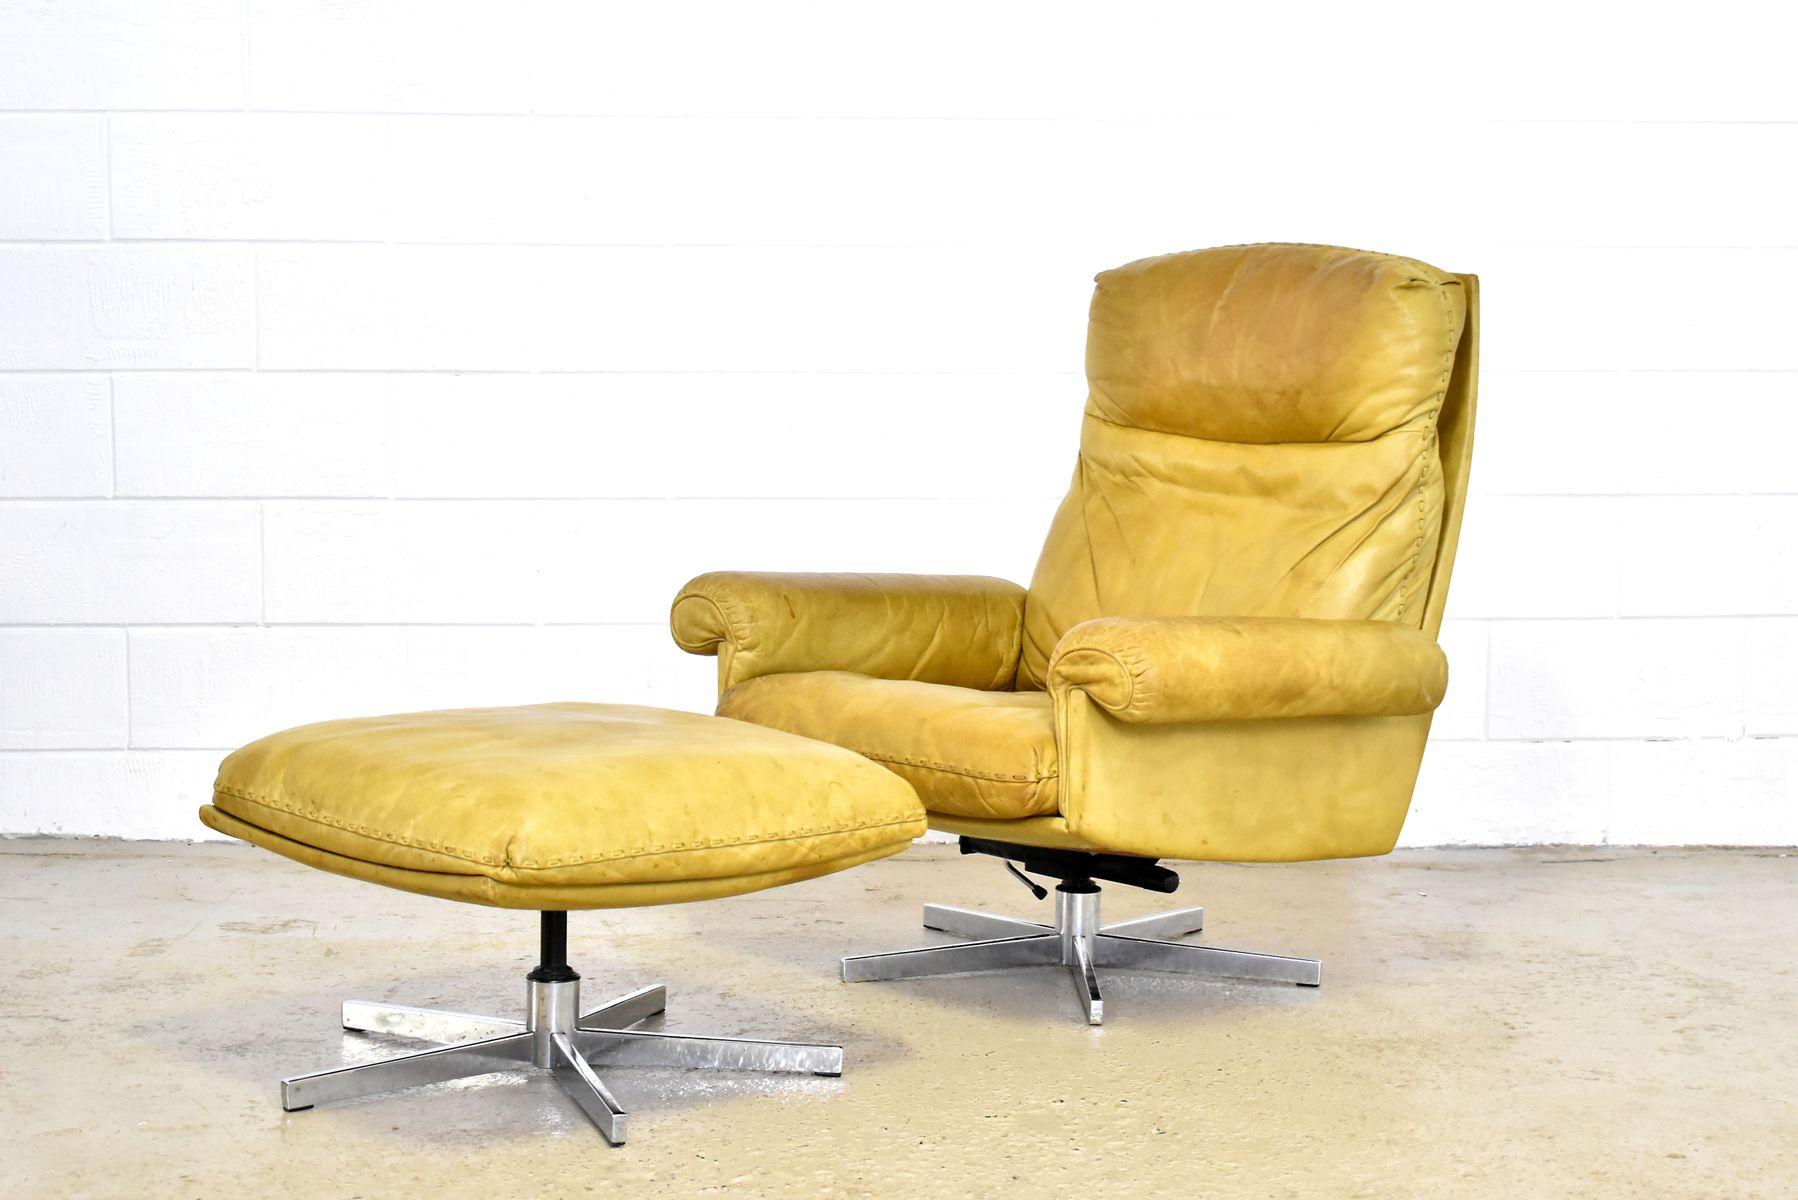 vintage ds35 sessel mit hocker von de sede bei pamono kaufen. Black Bedroom Furniture Sets. Home Design Ideas